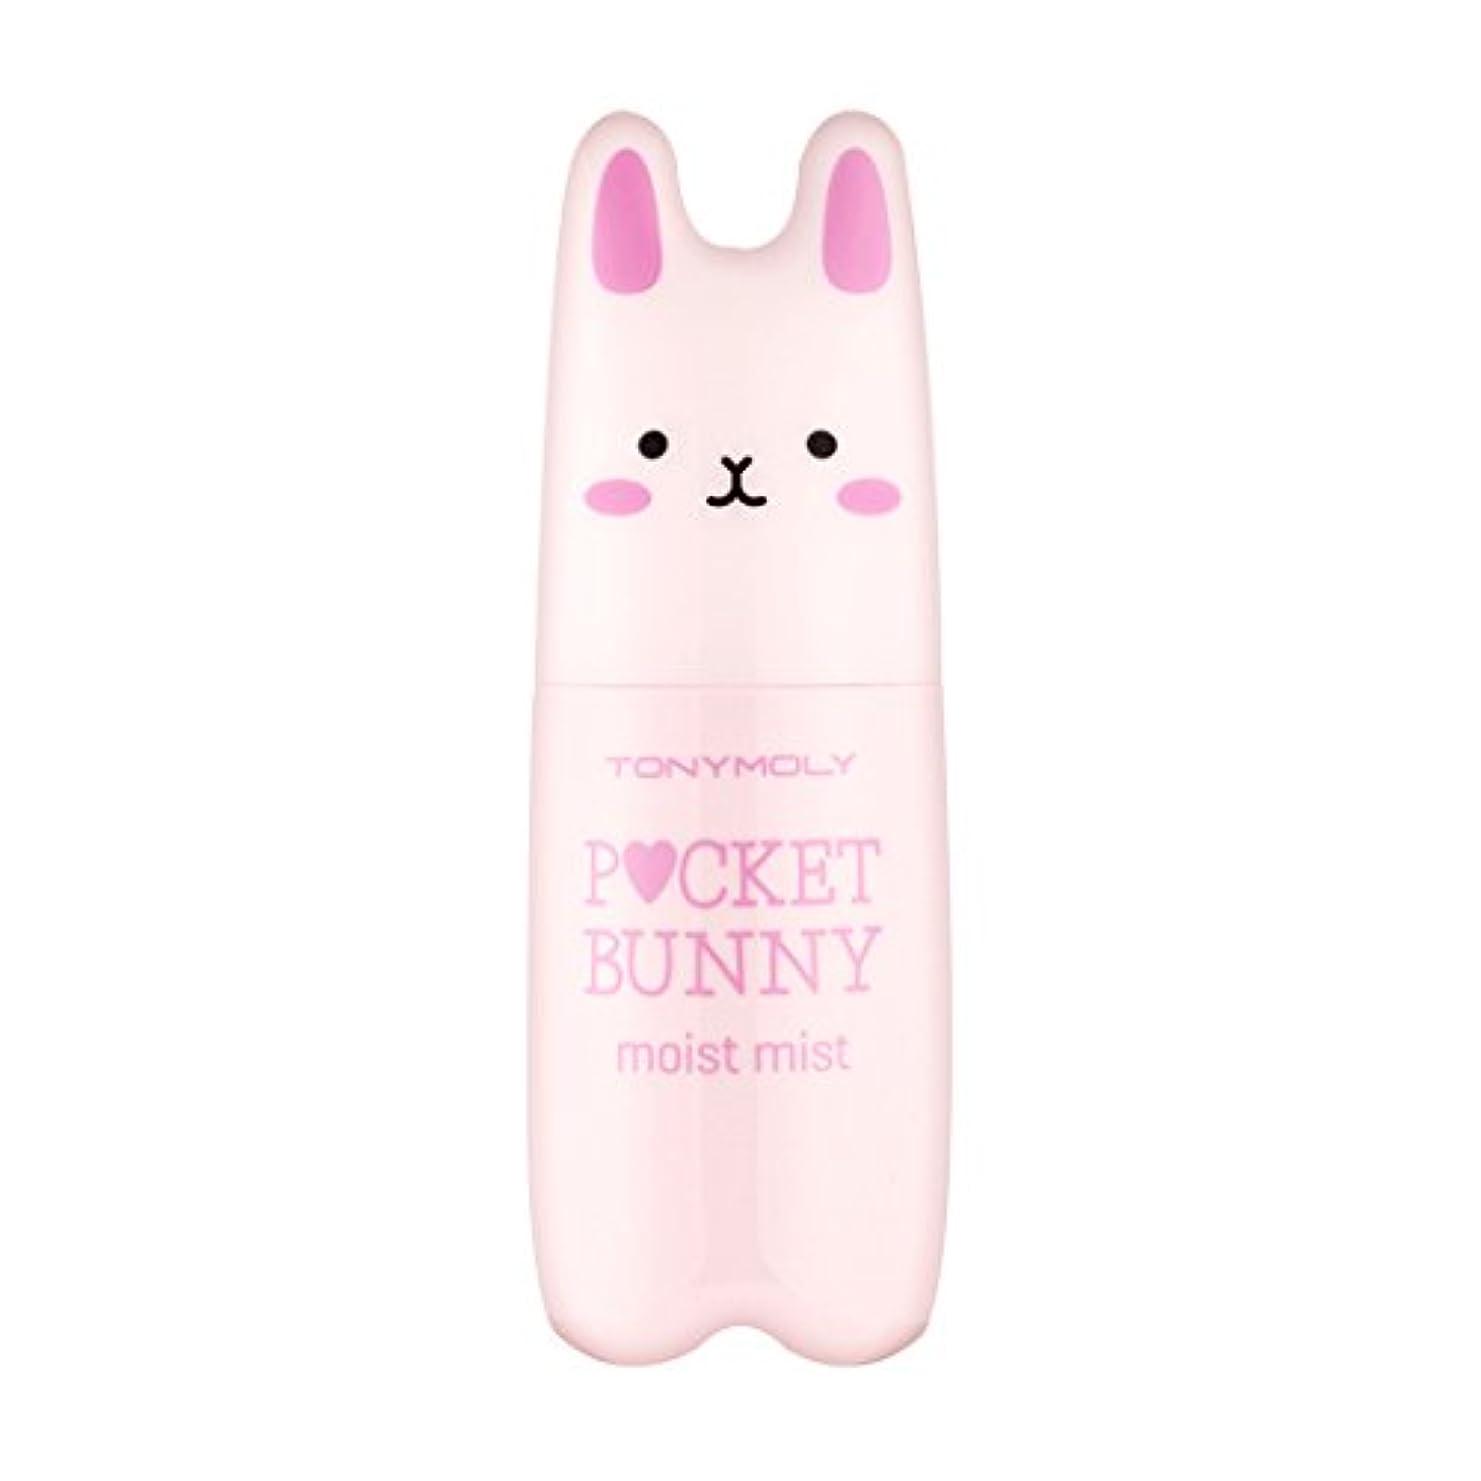 イサカ反映する徒歩でTONYMOLY(トニーモリー) Poket Bunny Mist ポケット バニー ミスト しっとりミスト [並行輸入品]